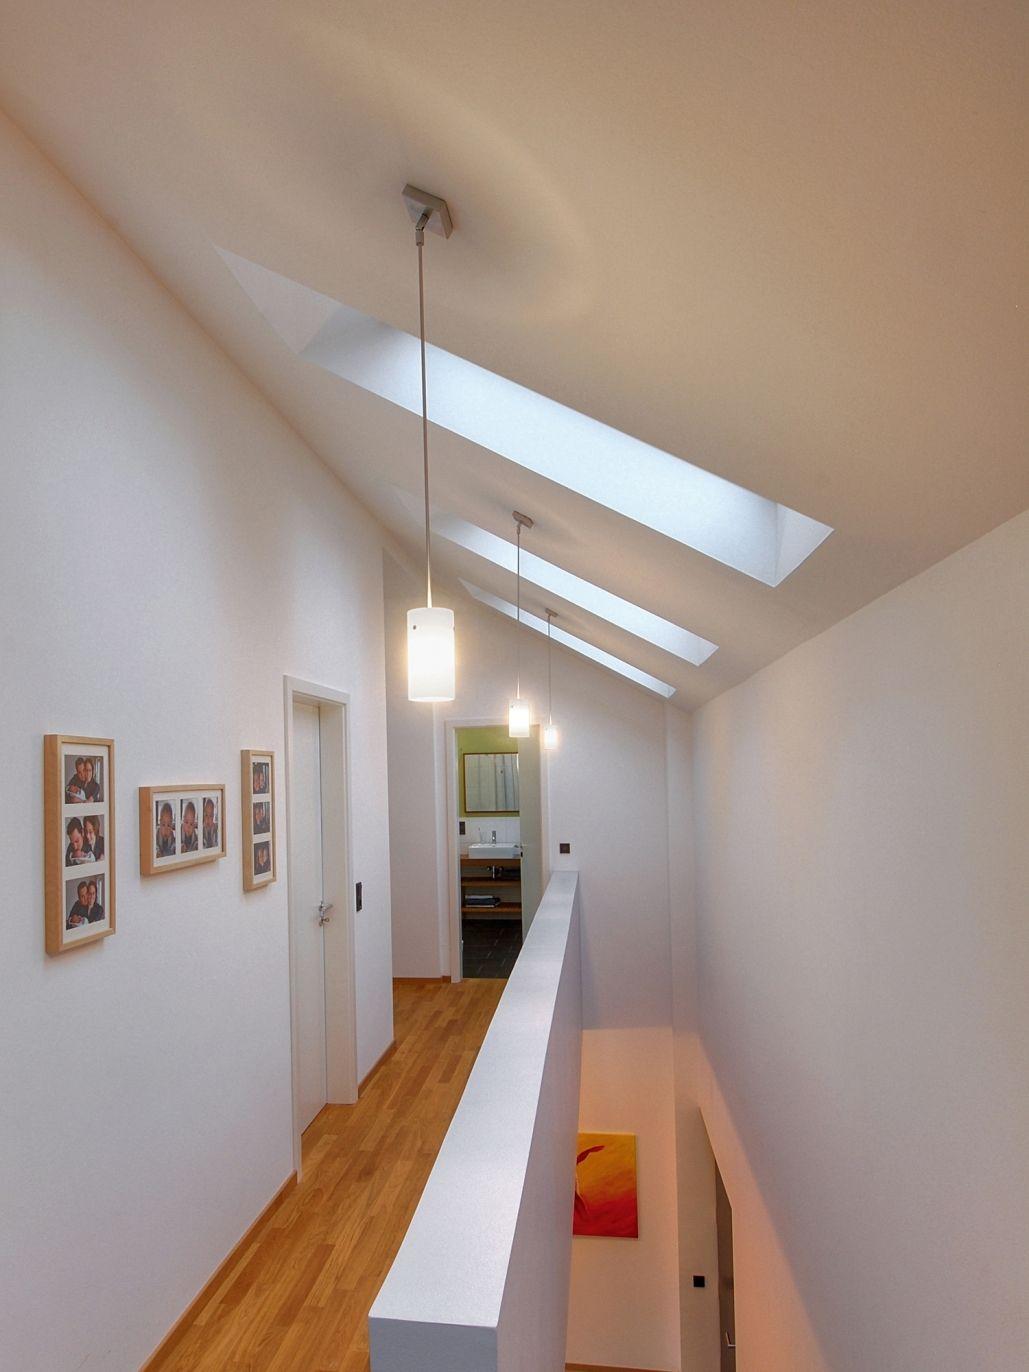 Dachschrage Lampe Beleuchtung Dachschrage Dachschrage Lampen Treppenhaus